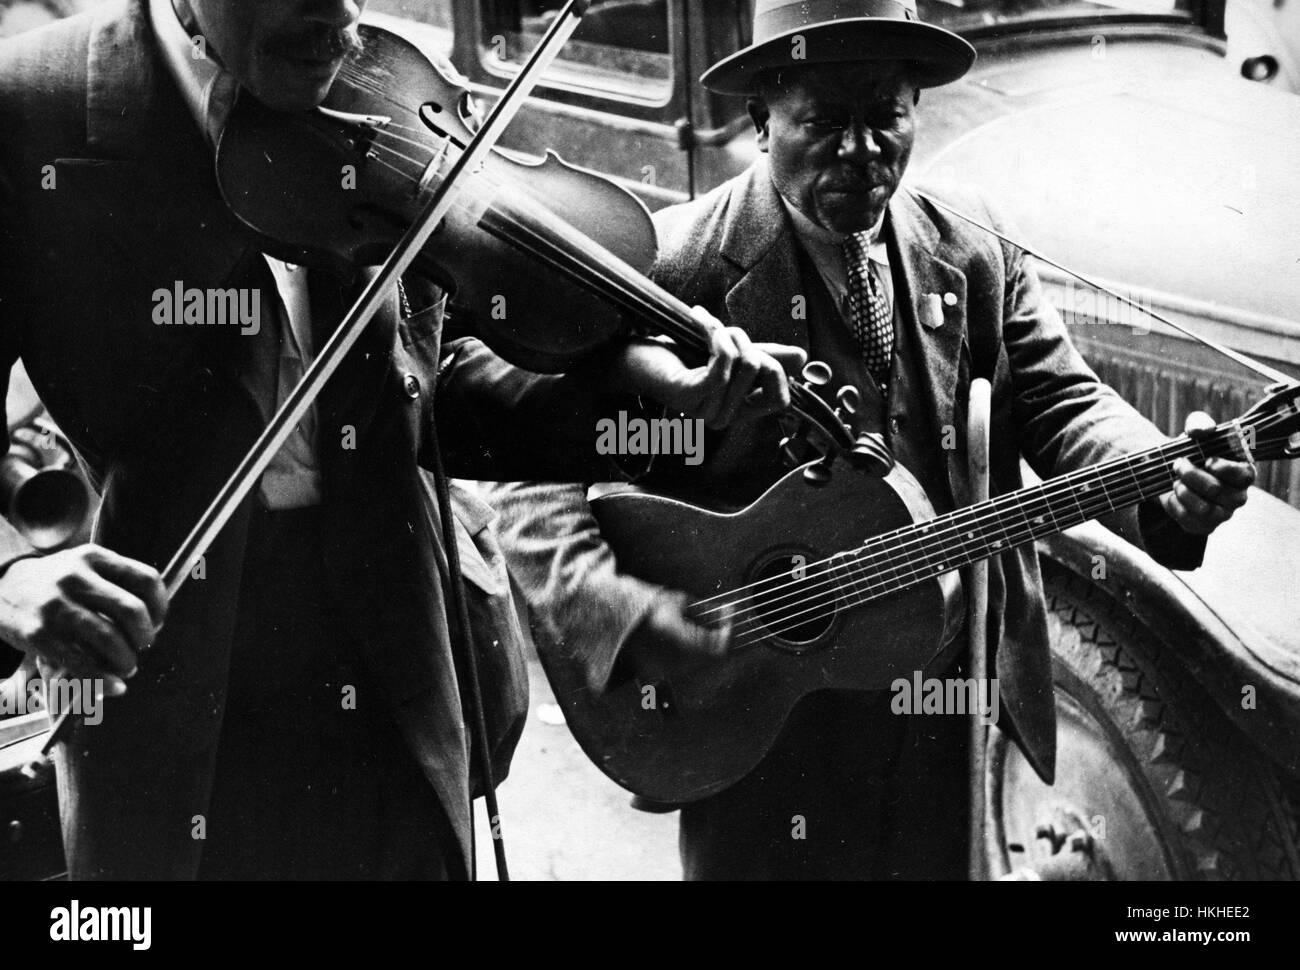 Fotografia in bianco e nero di due uomini afro-americano, musicisti di strada, uno a suonare il violino e l'altra Immagini Stock